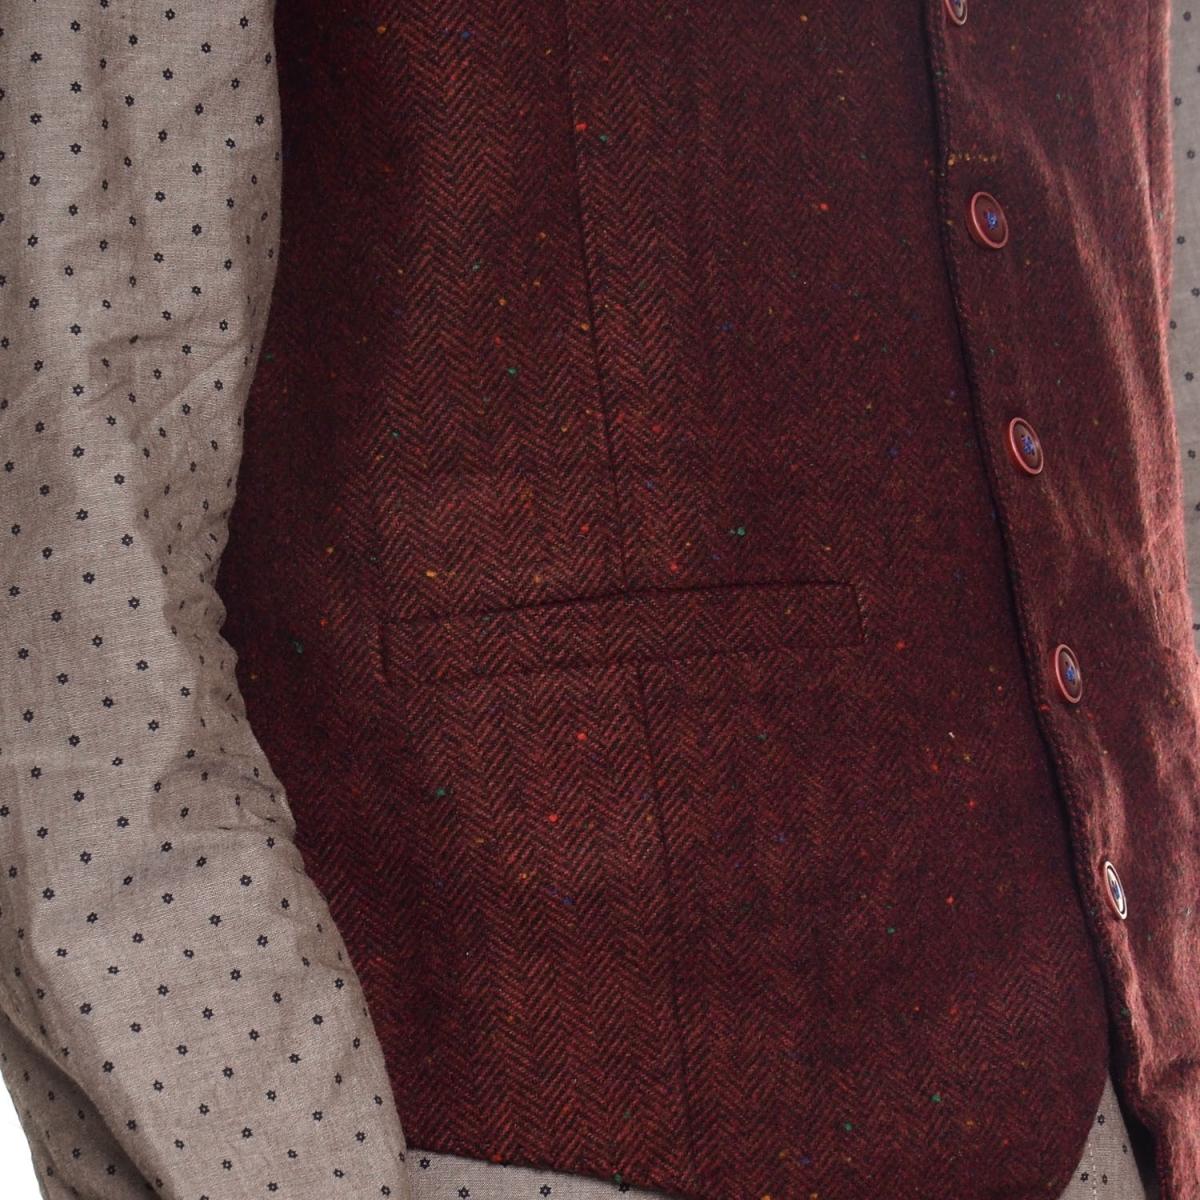 sconti abbigliamento uomo Giacche e Gilet OUTLET GLS17389 BORDEAUX Cafedelmar Shop